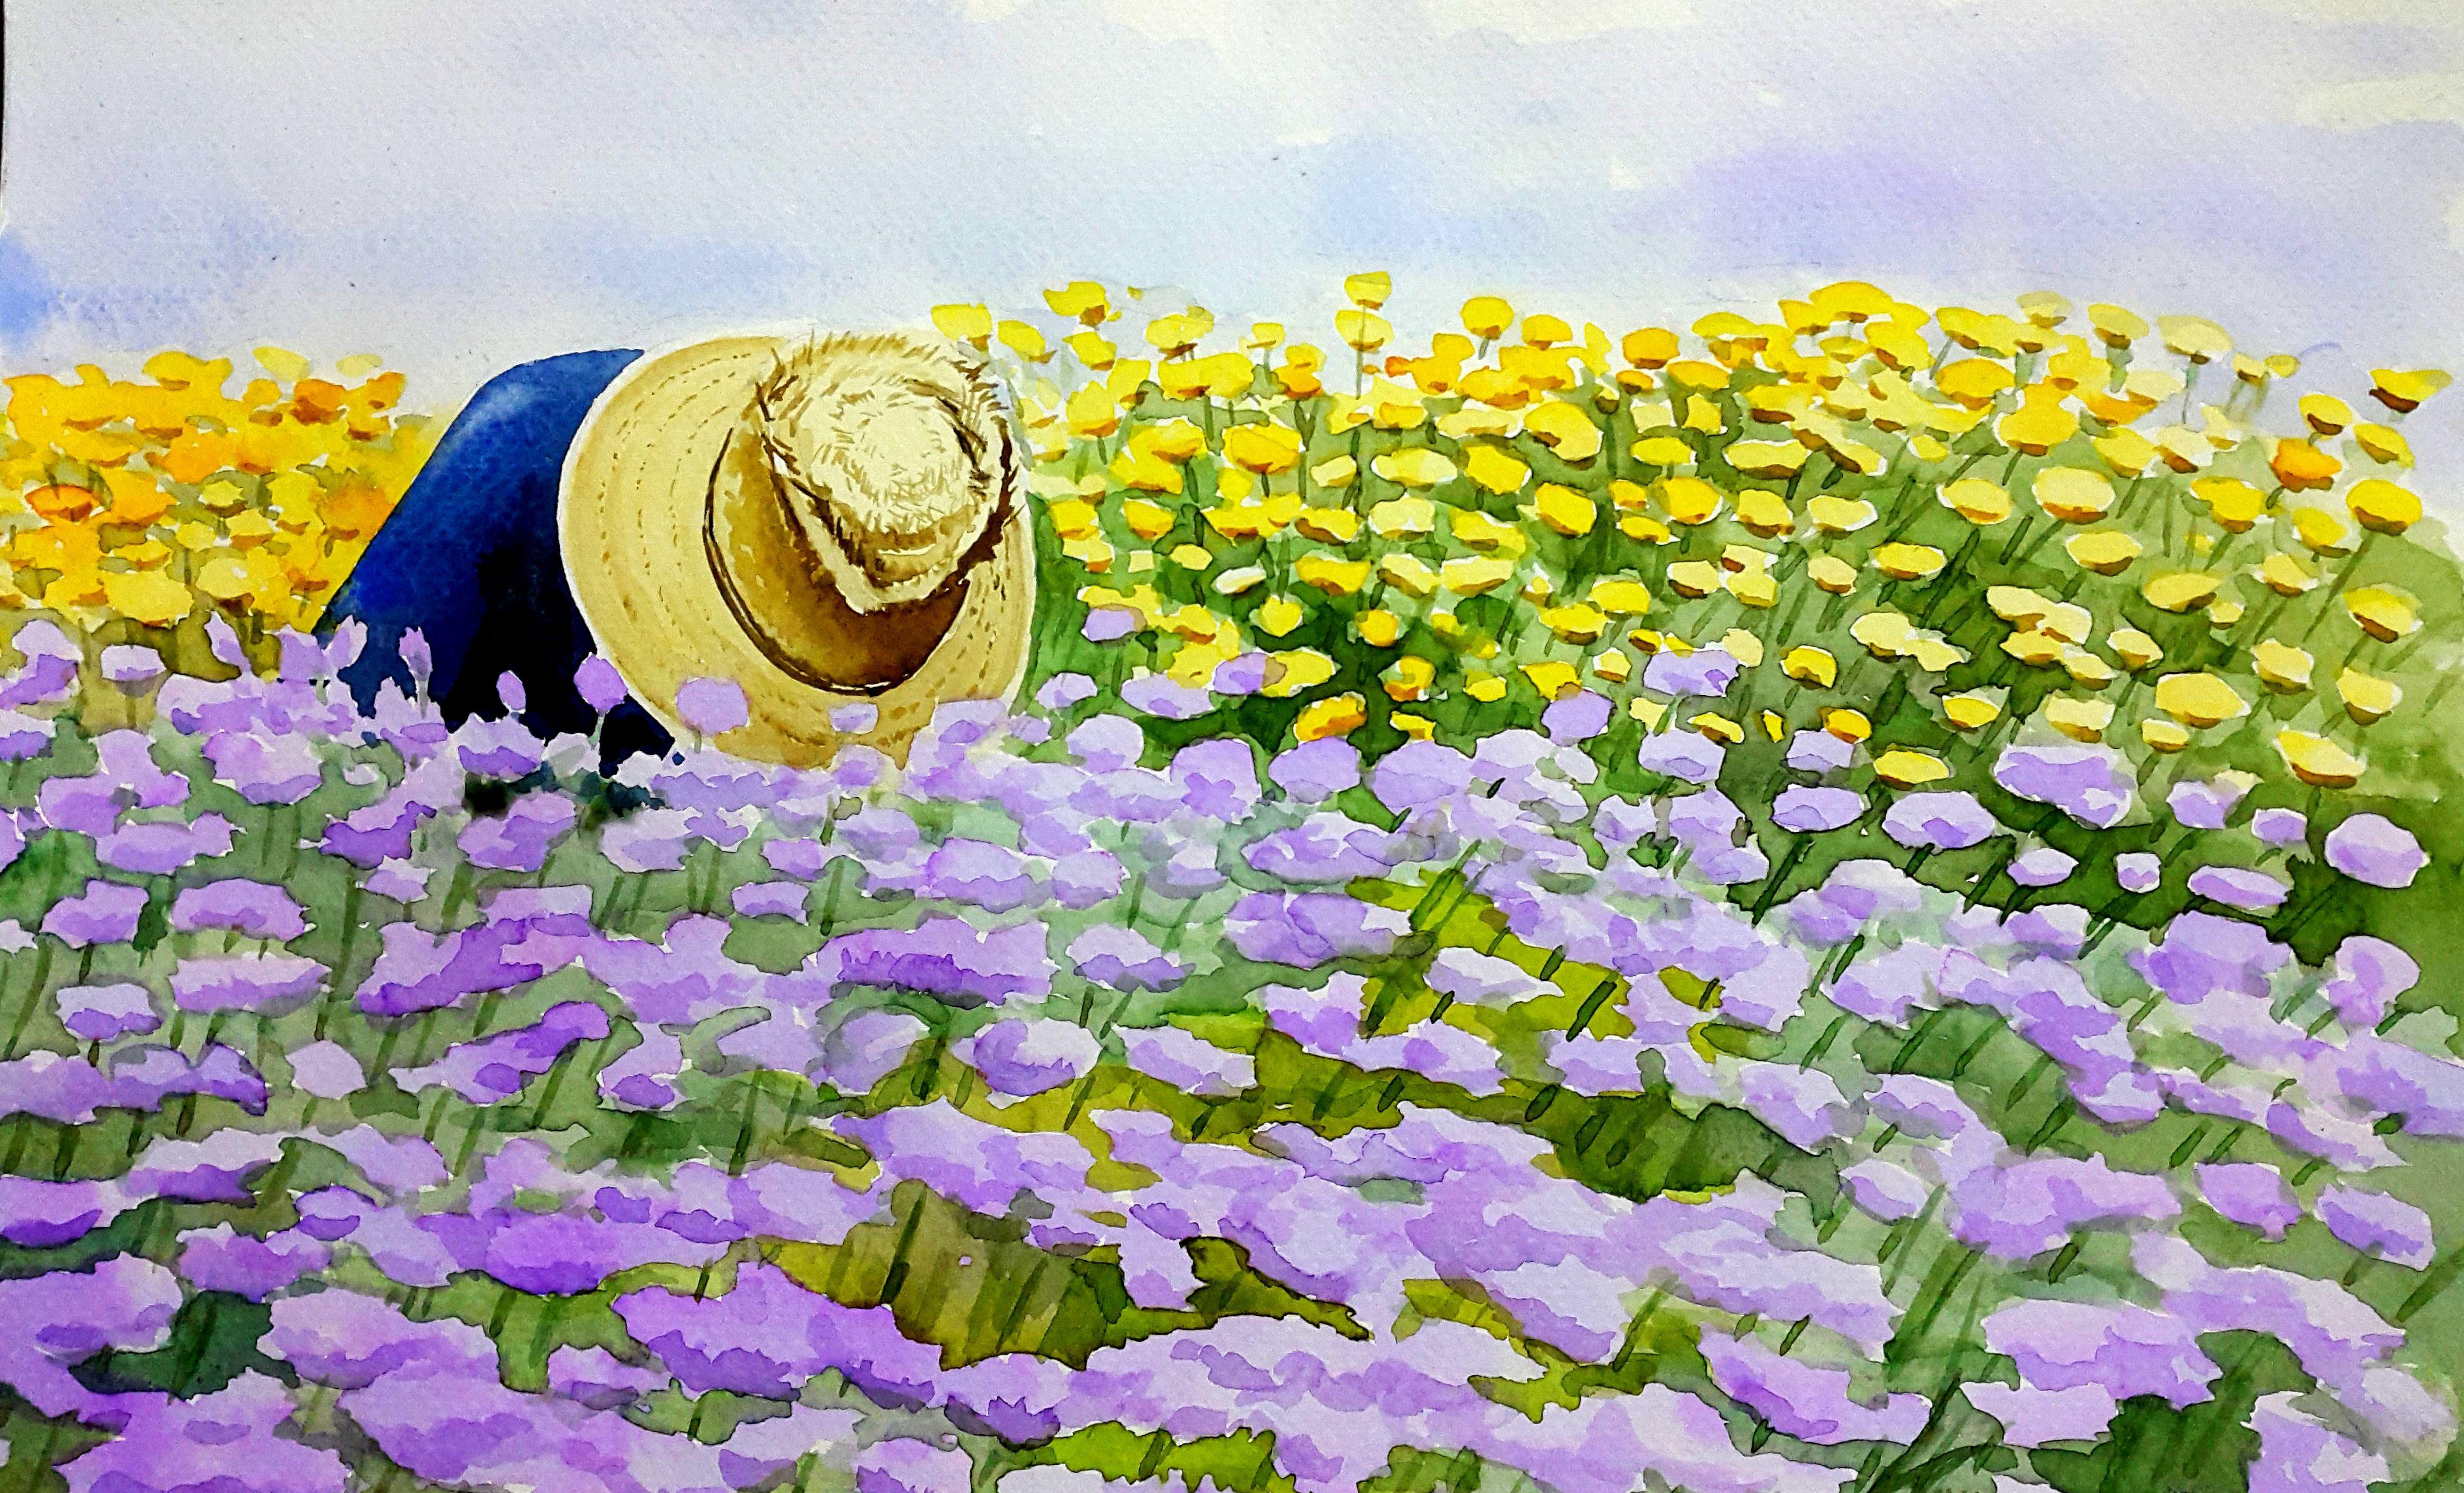 """""""Colheita de Flores"""" (Flower harvest) - 2015 - Aquarela em papel Canson aquarela 300 g prensado a frio - 21 x 30 cm - by Silvana Pohl"""